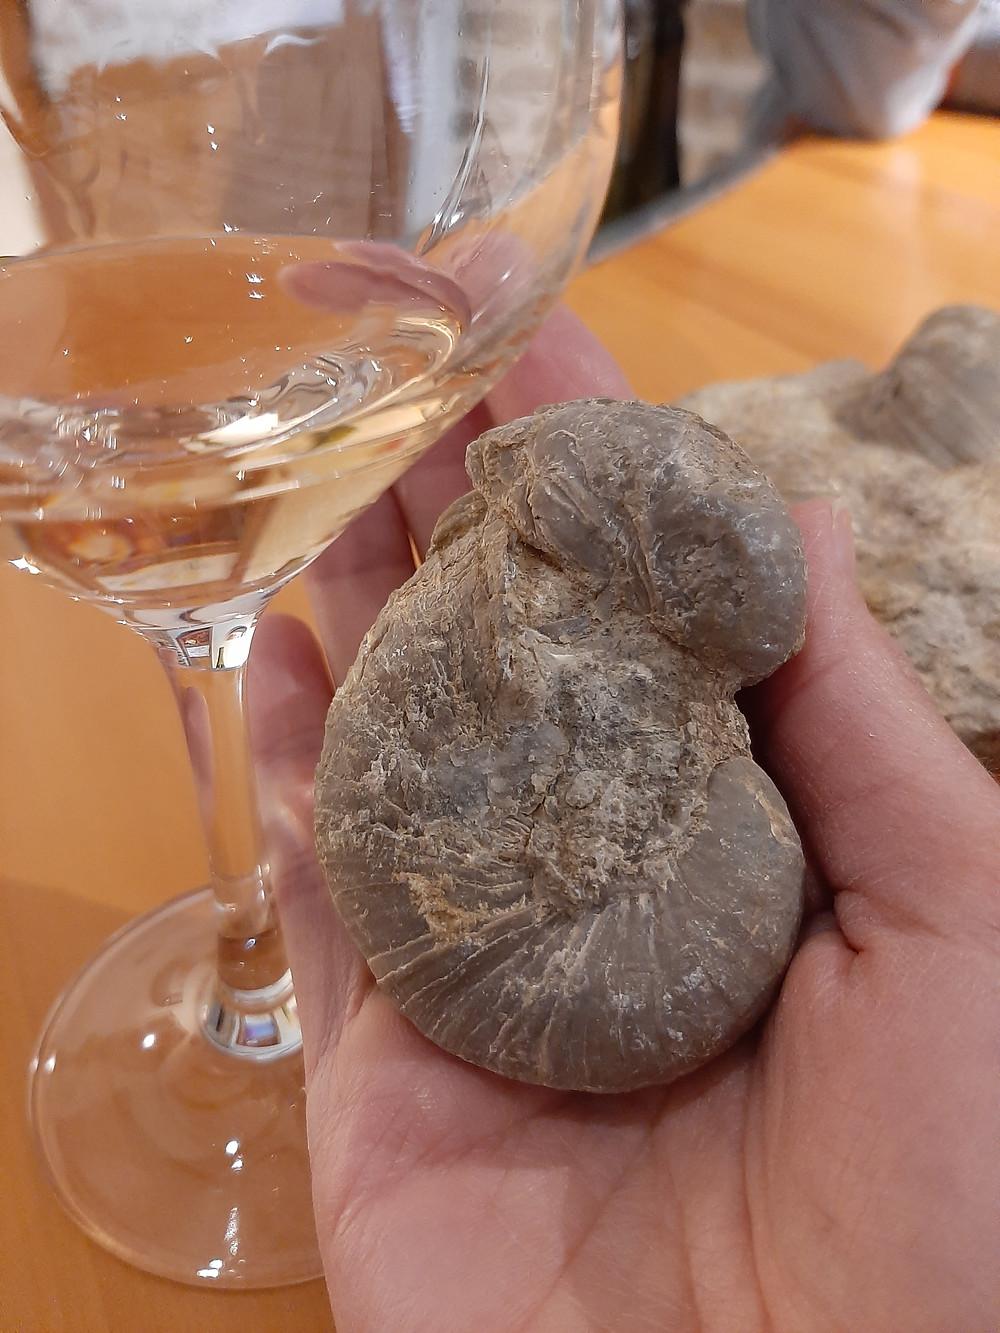 wine consultancy consultance oenologie dégustation tasting ecrivain journaliste formation formatrice La revue du vin de france academy jura vin arbois chateau chalon